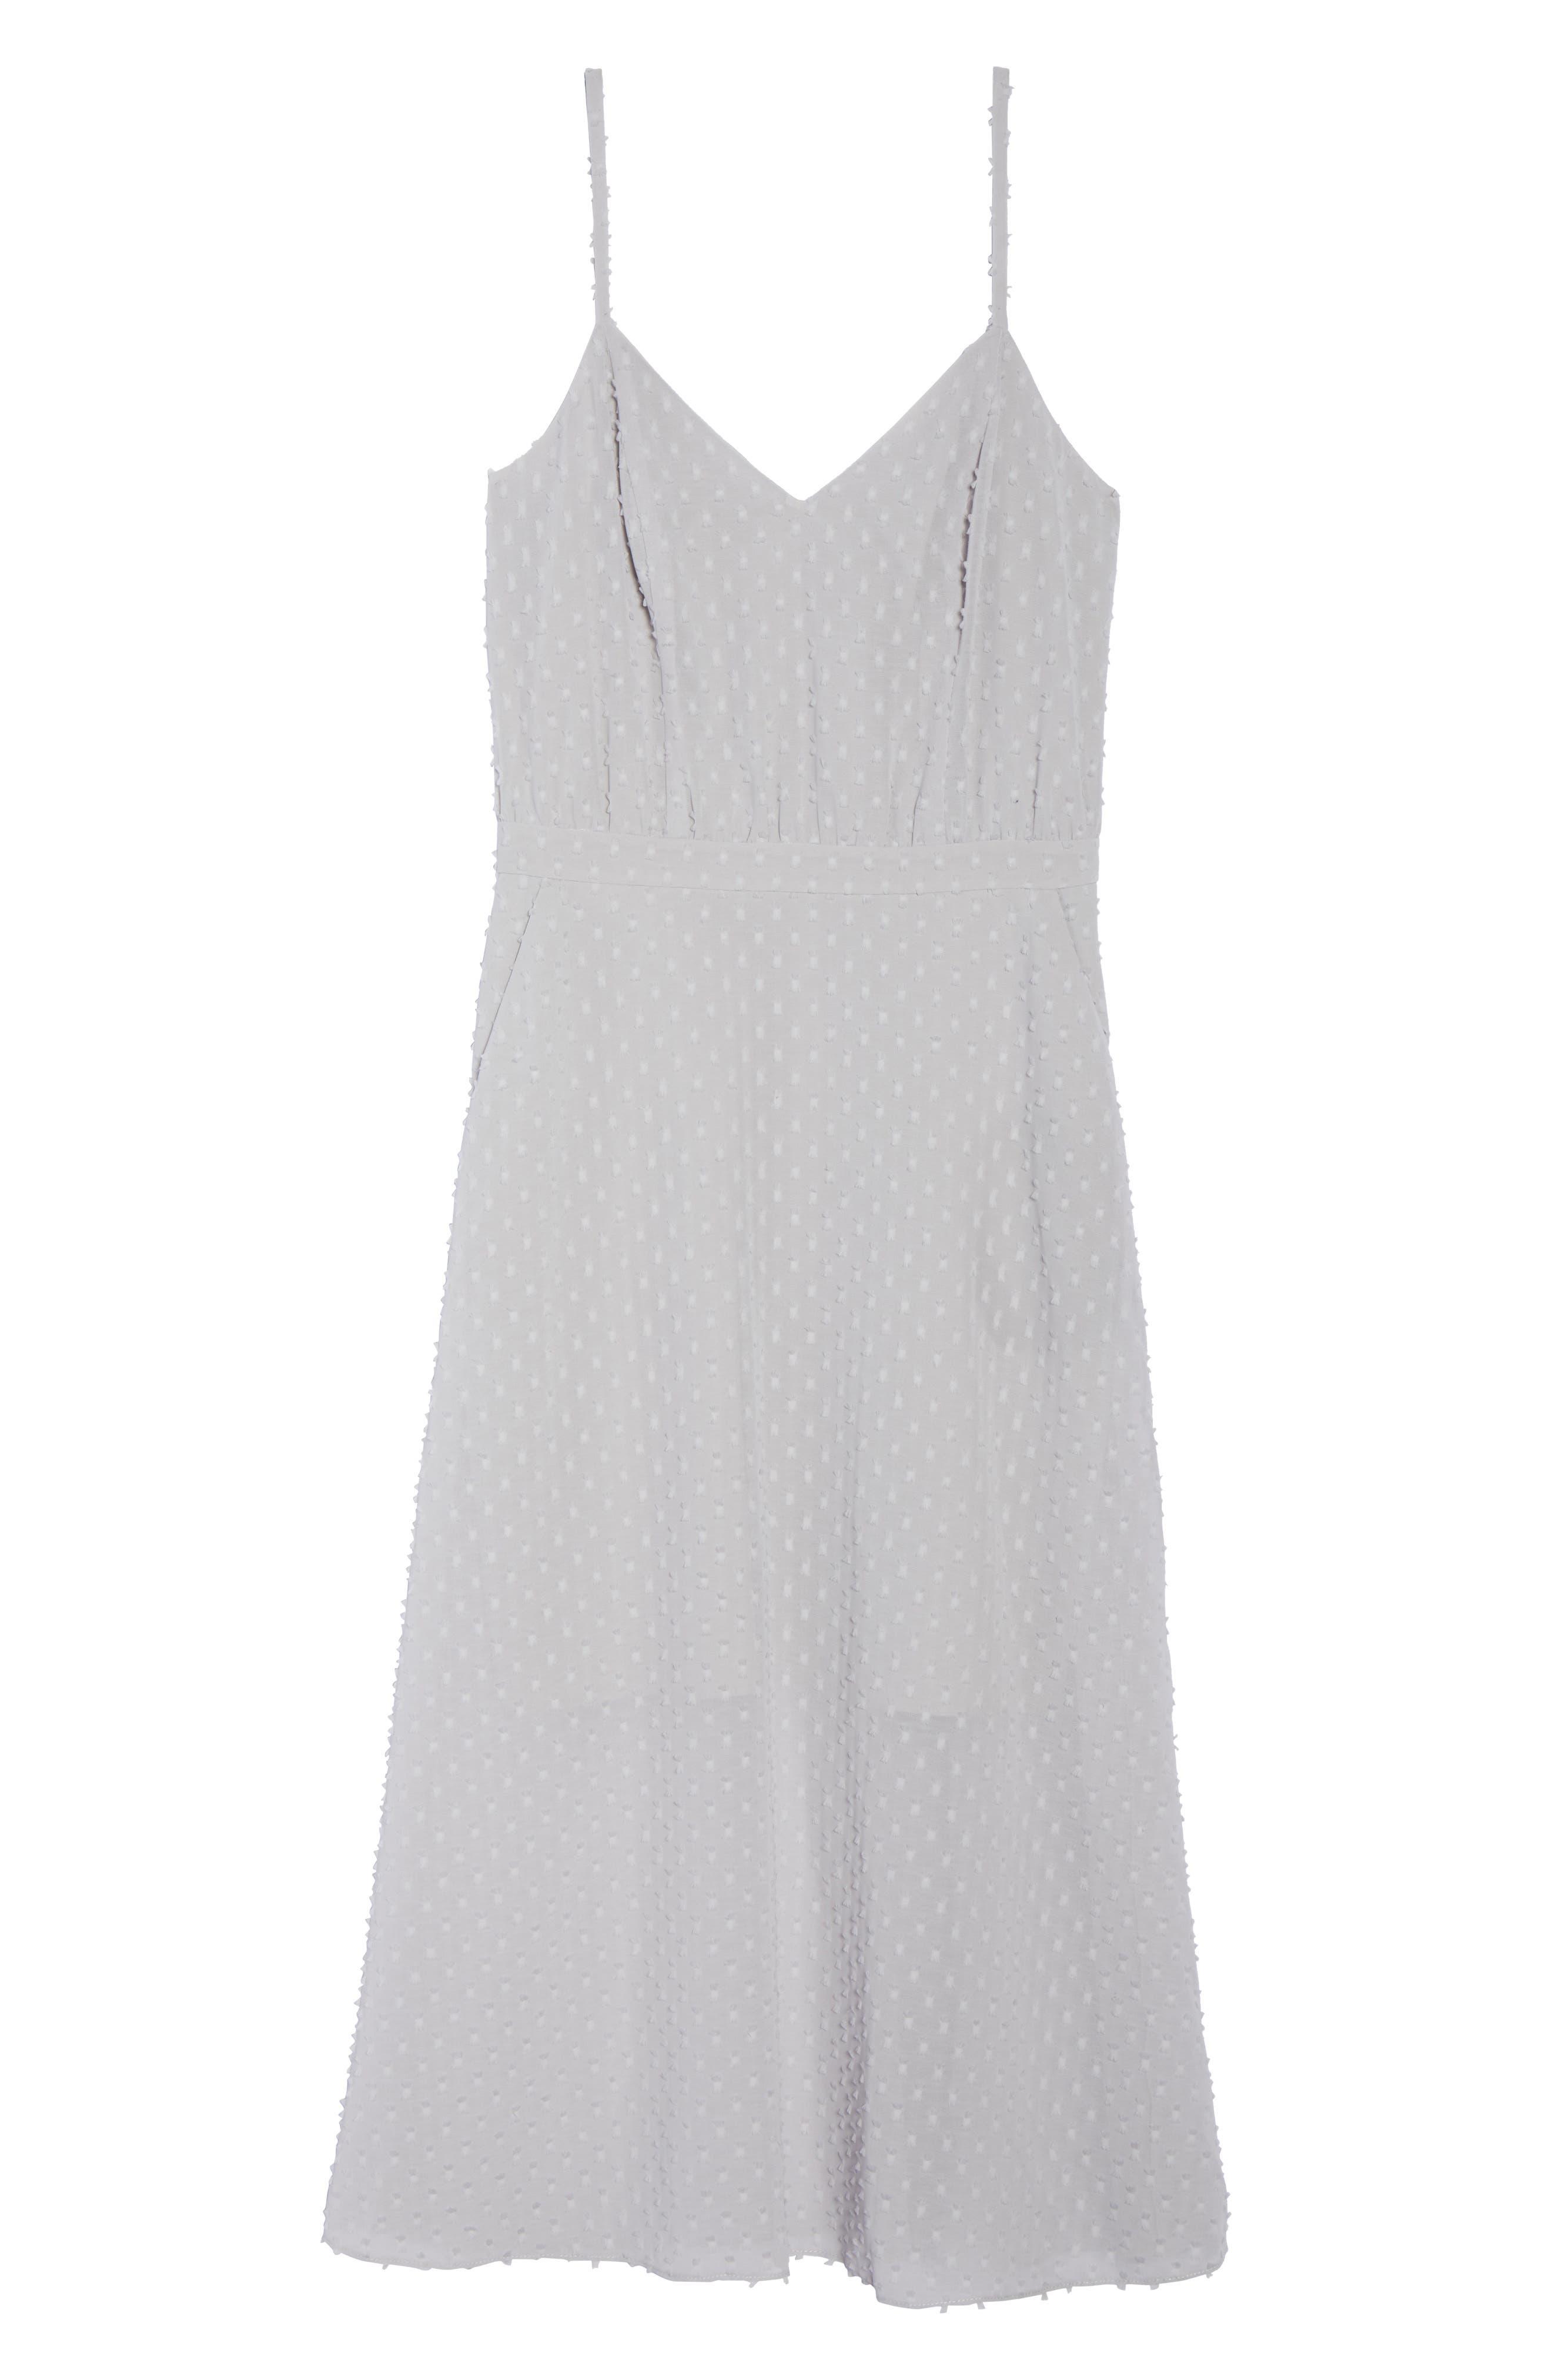 Bisou Bisou Midi Dress,                             Alternate thumbnail 6, color,                             020